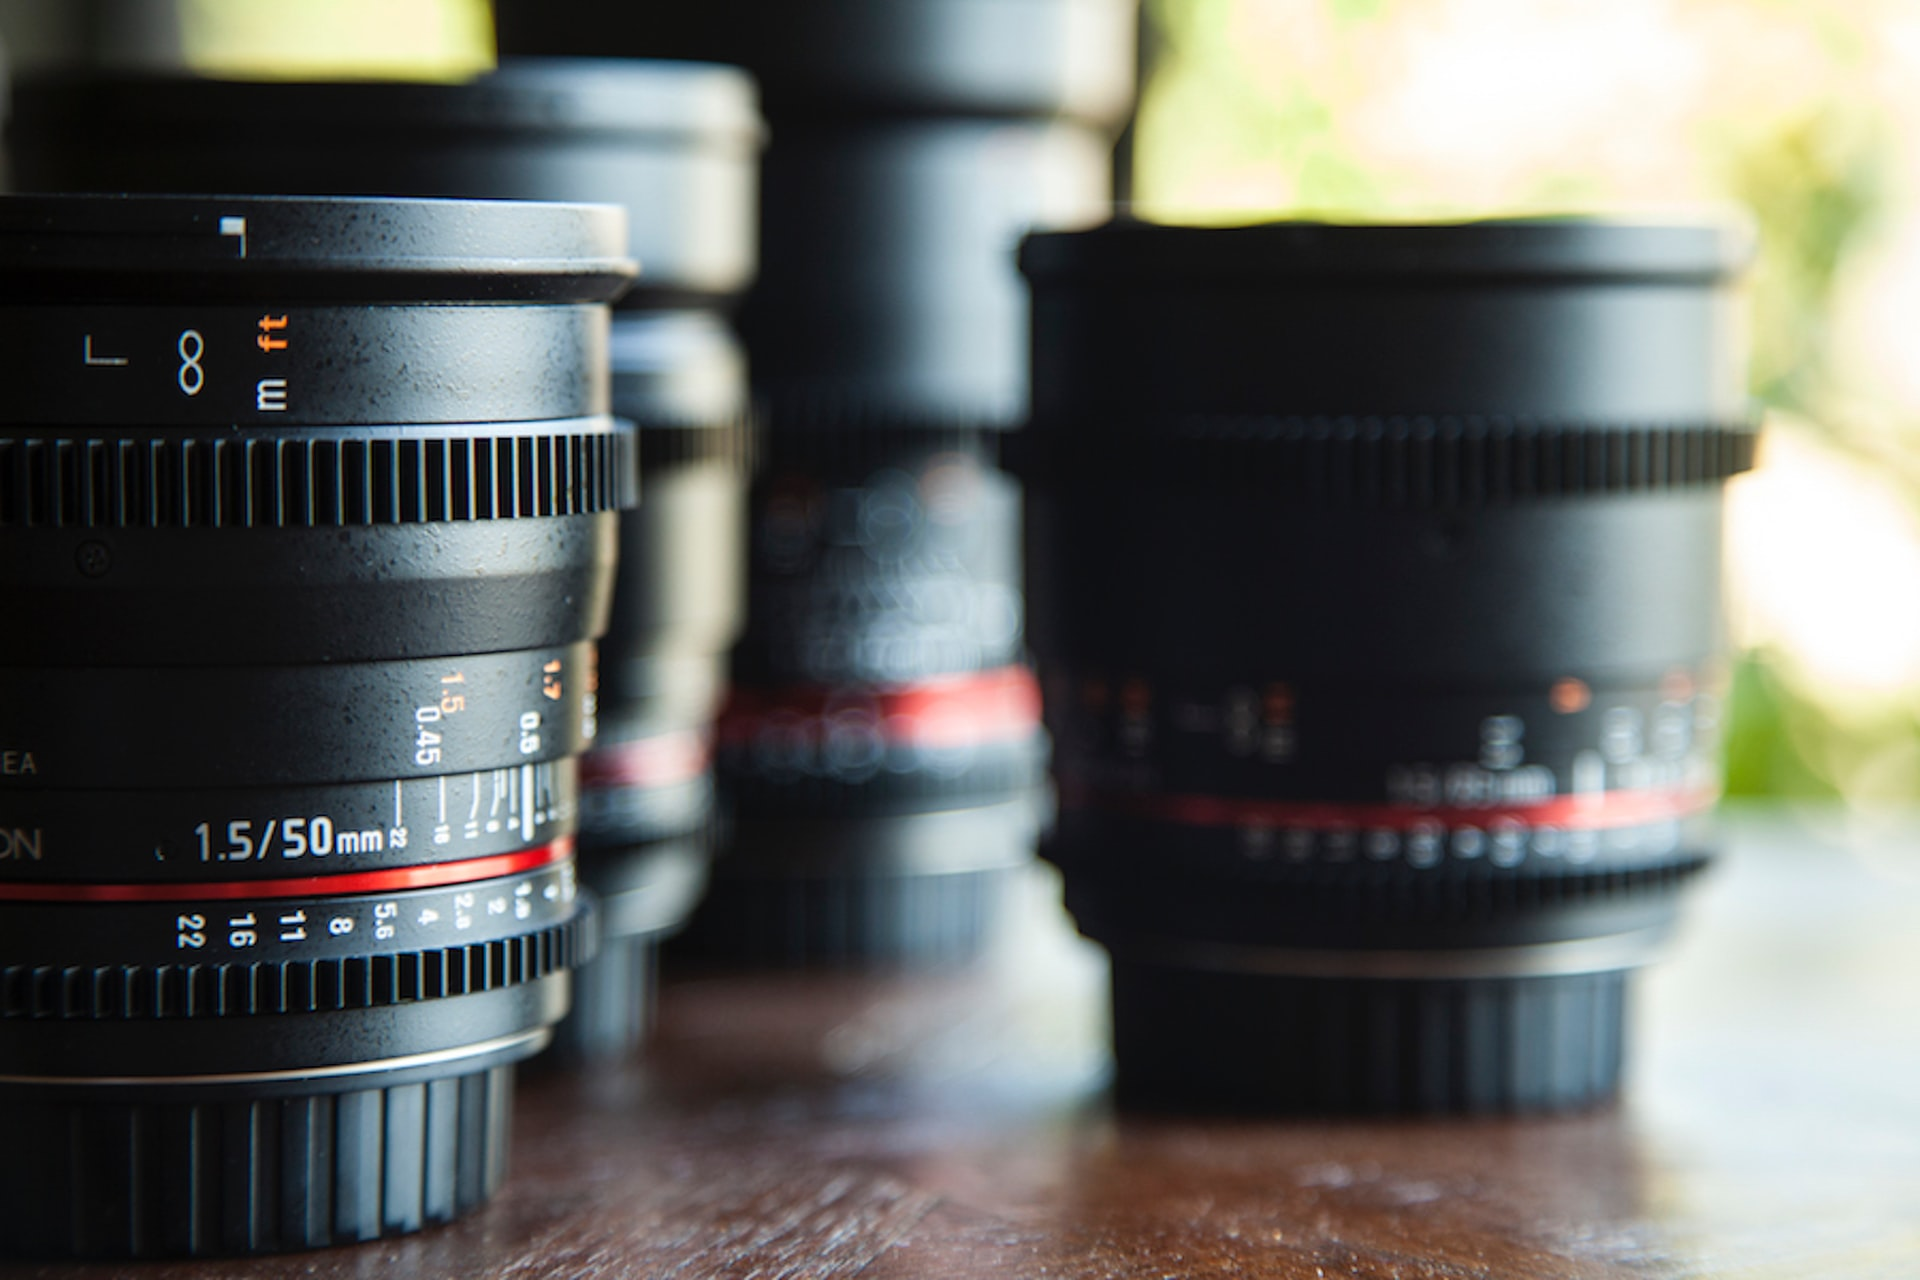 Mirrorless vs DSLR Lenses image